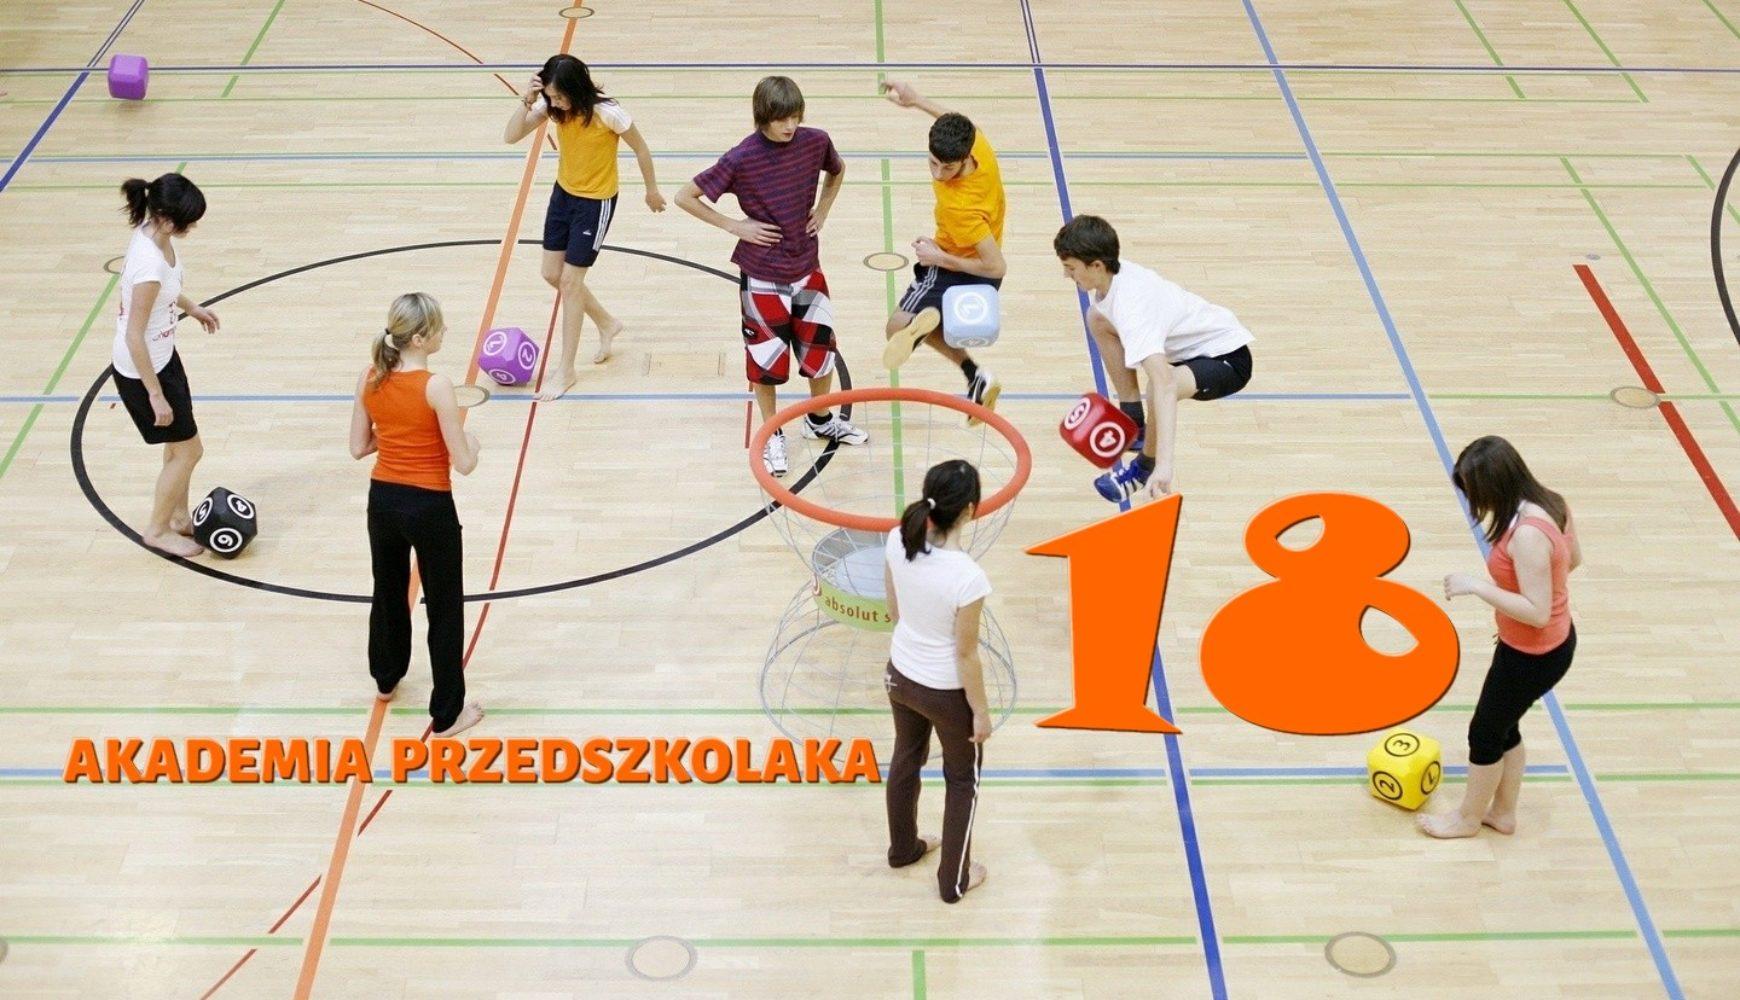 Ćwiczenia domowe – 18 – Akademia Przedszkolaka